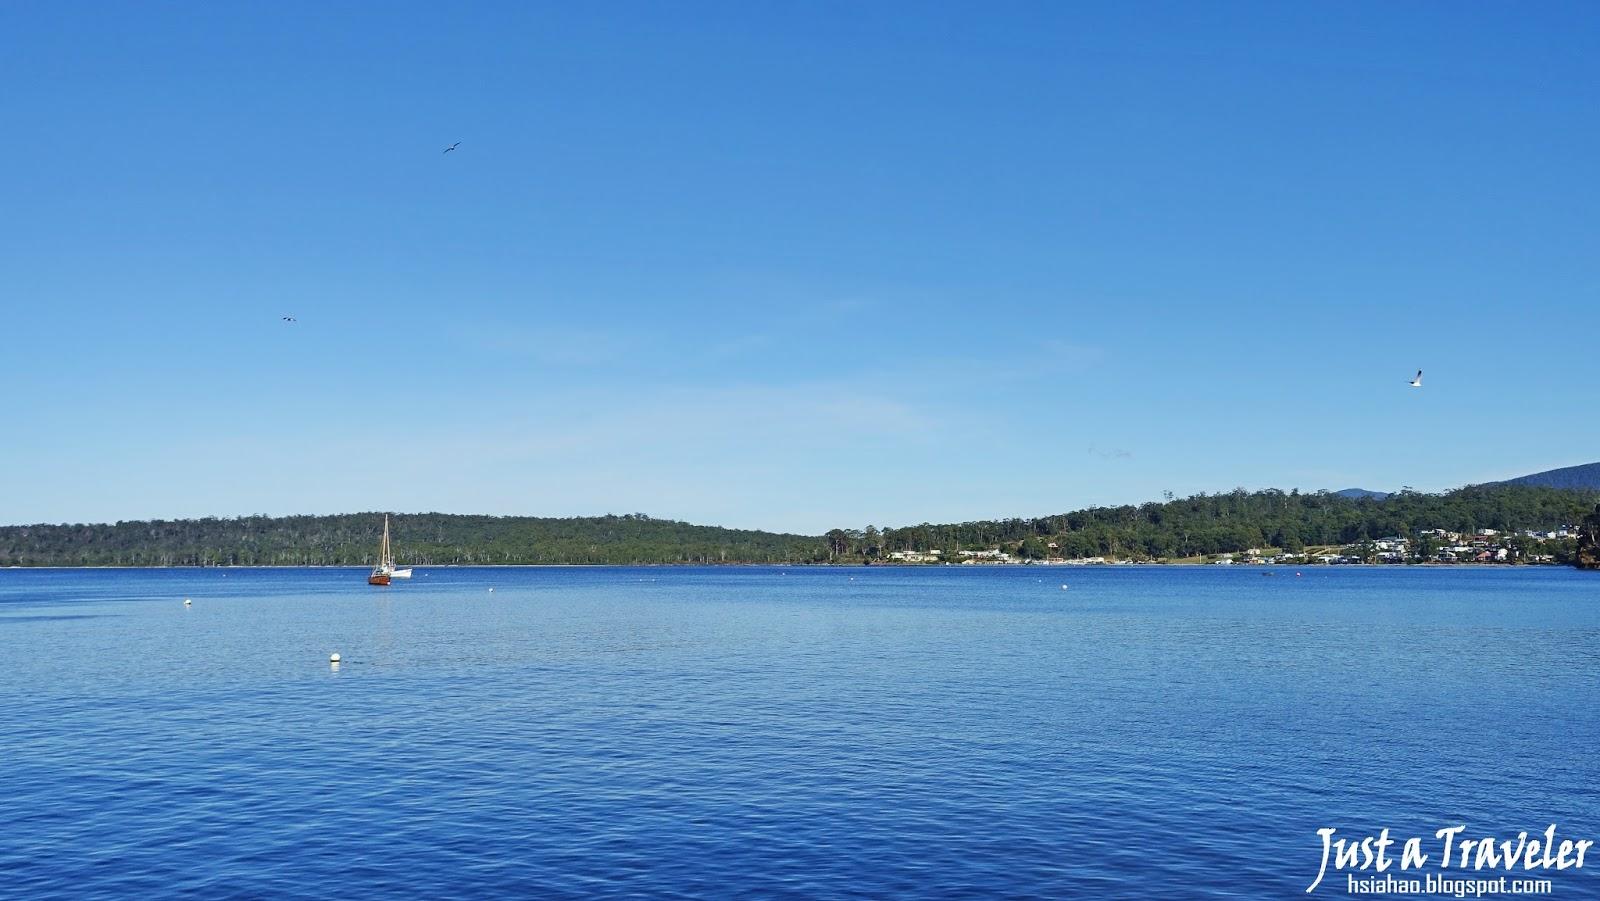 塔斯馬尼亞-南部-景點-推薦-南港-South-Port-旅遊-自由行-澳洲-Tasmania-Tourist-Attraction-Travel-Australia